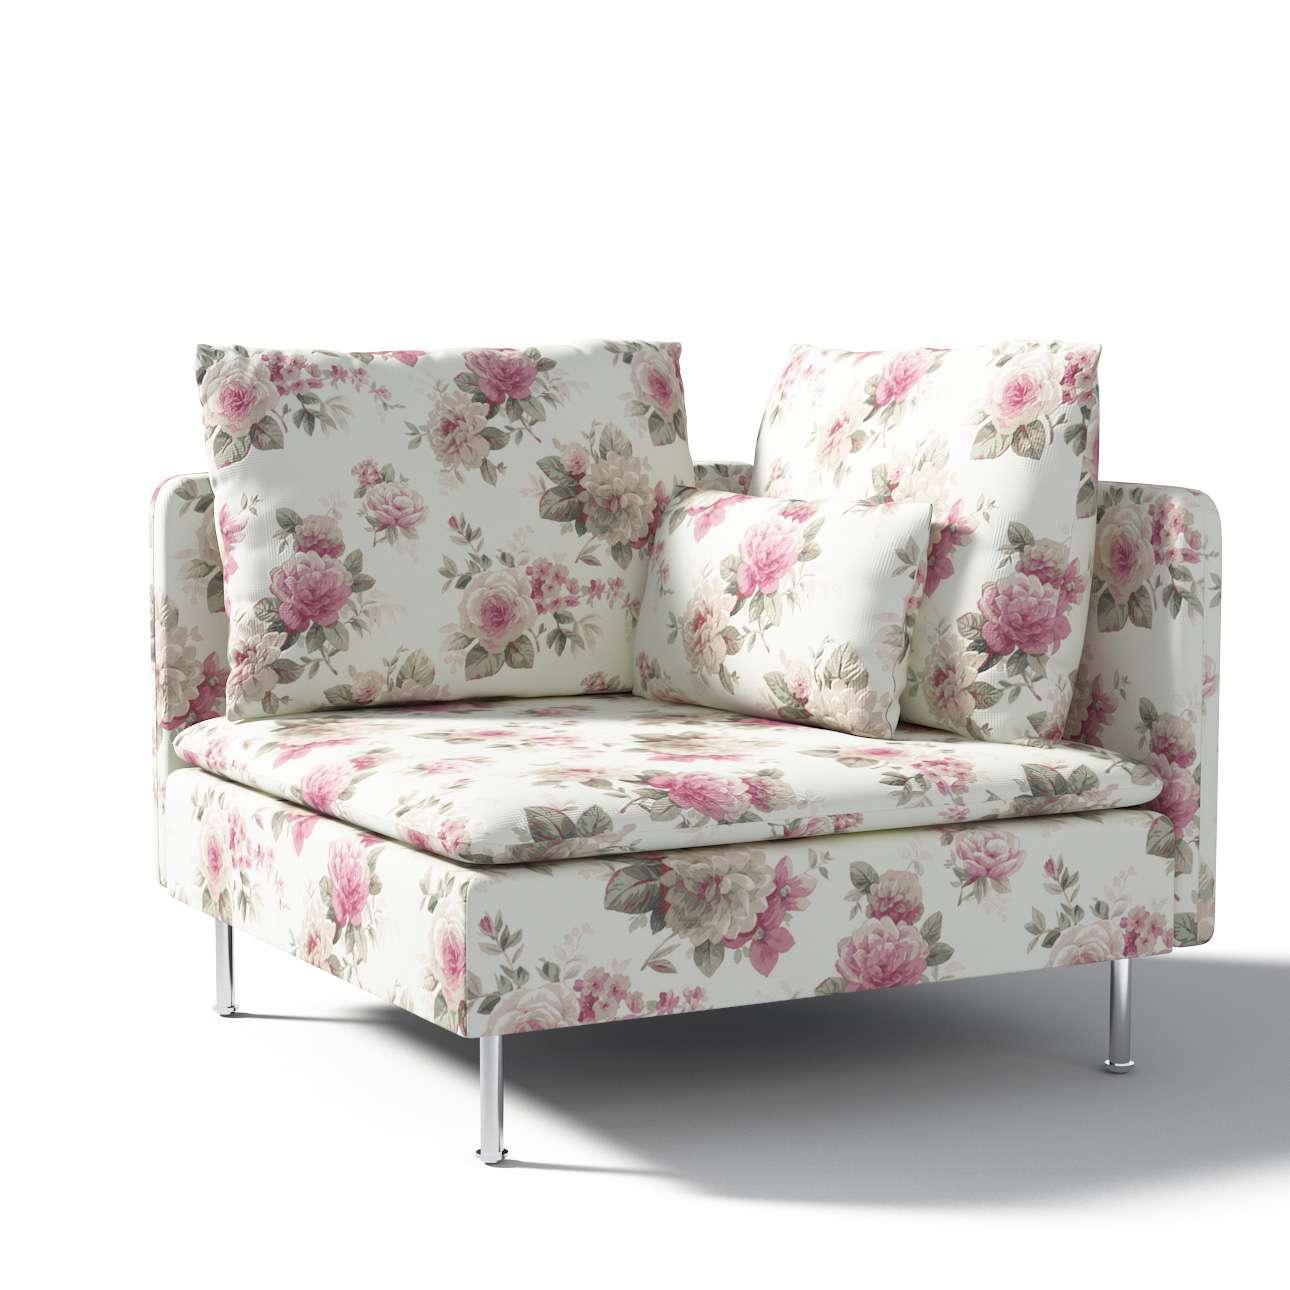 s derhamn m. Black Bedroom Furniture Sets. Home Design Ideas